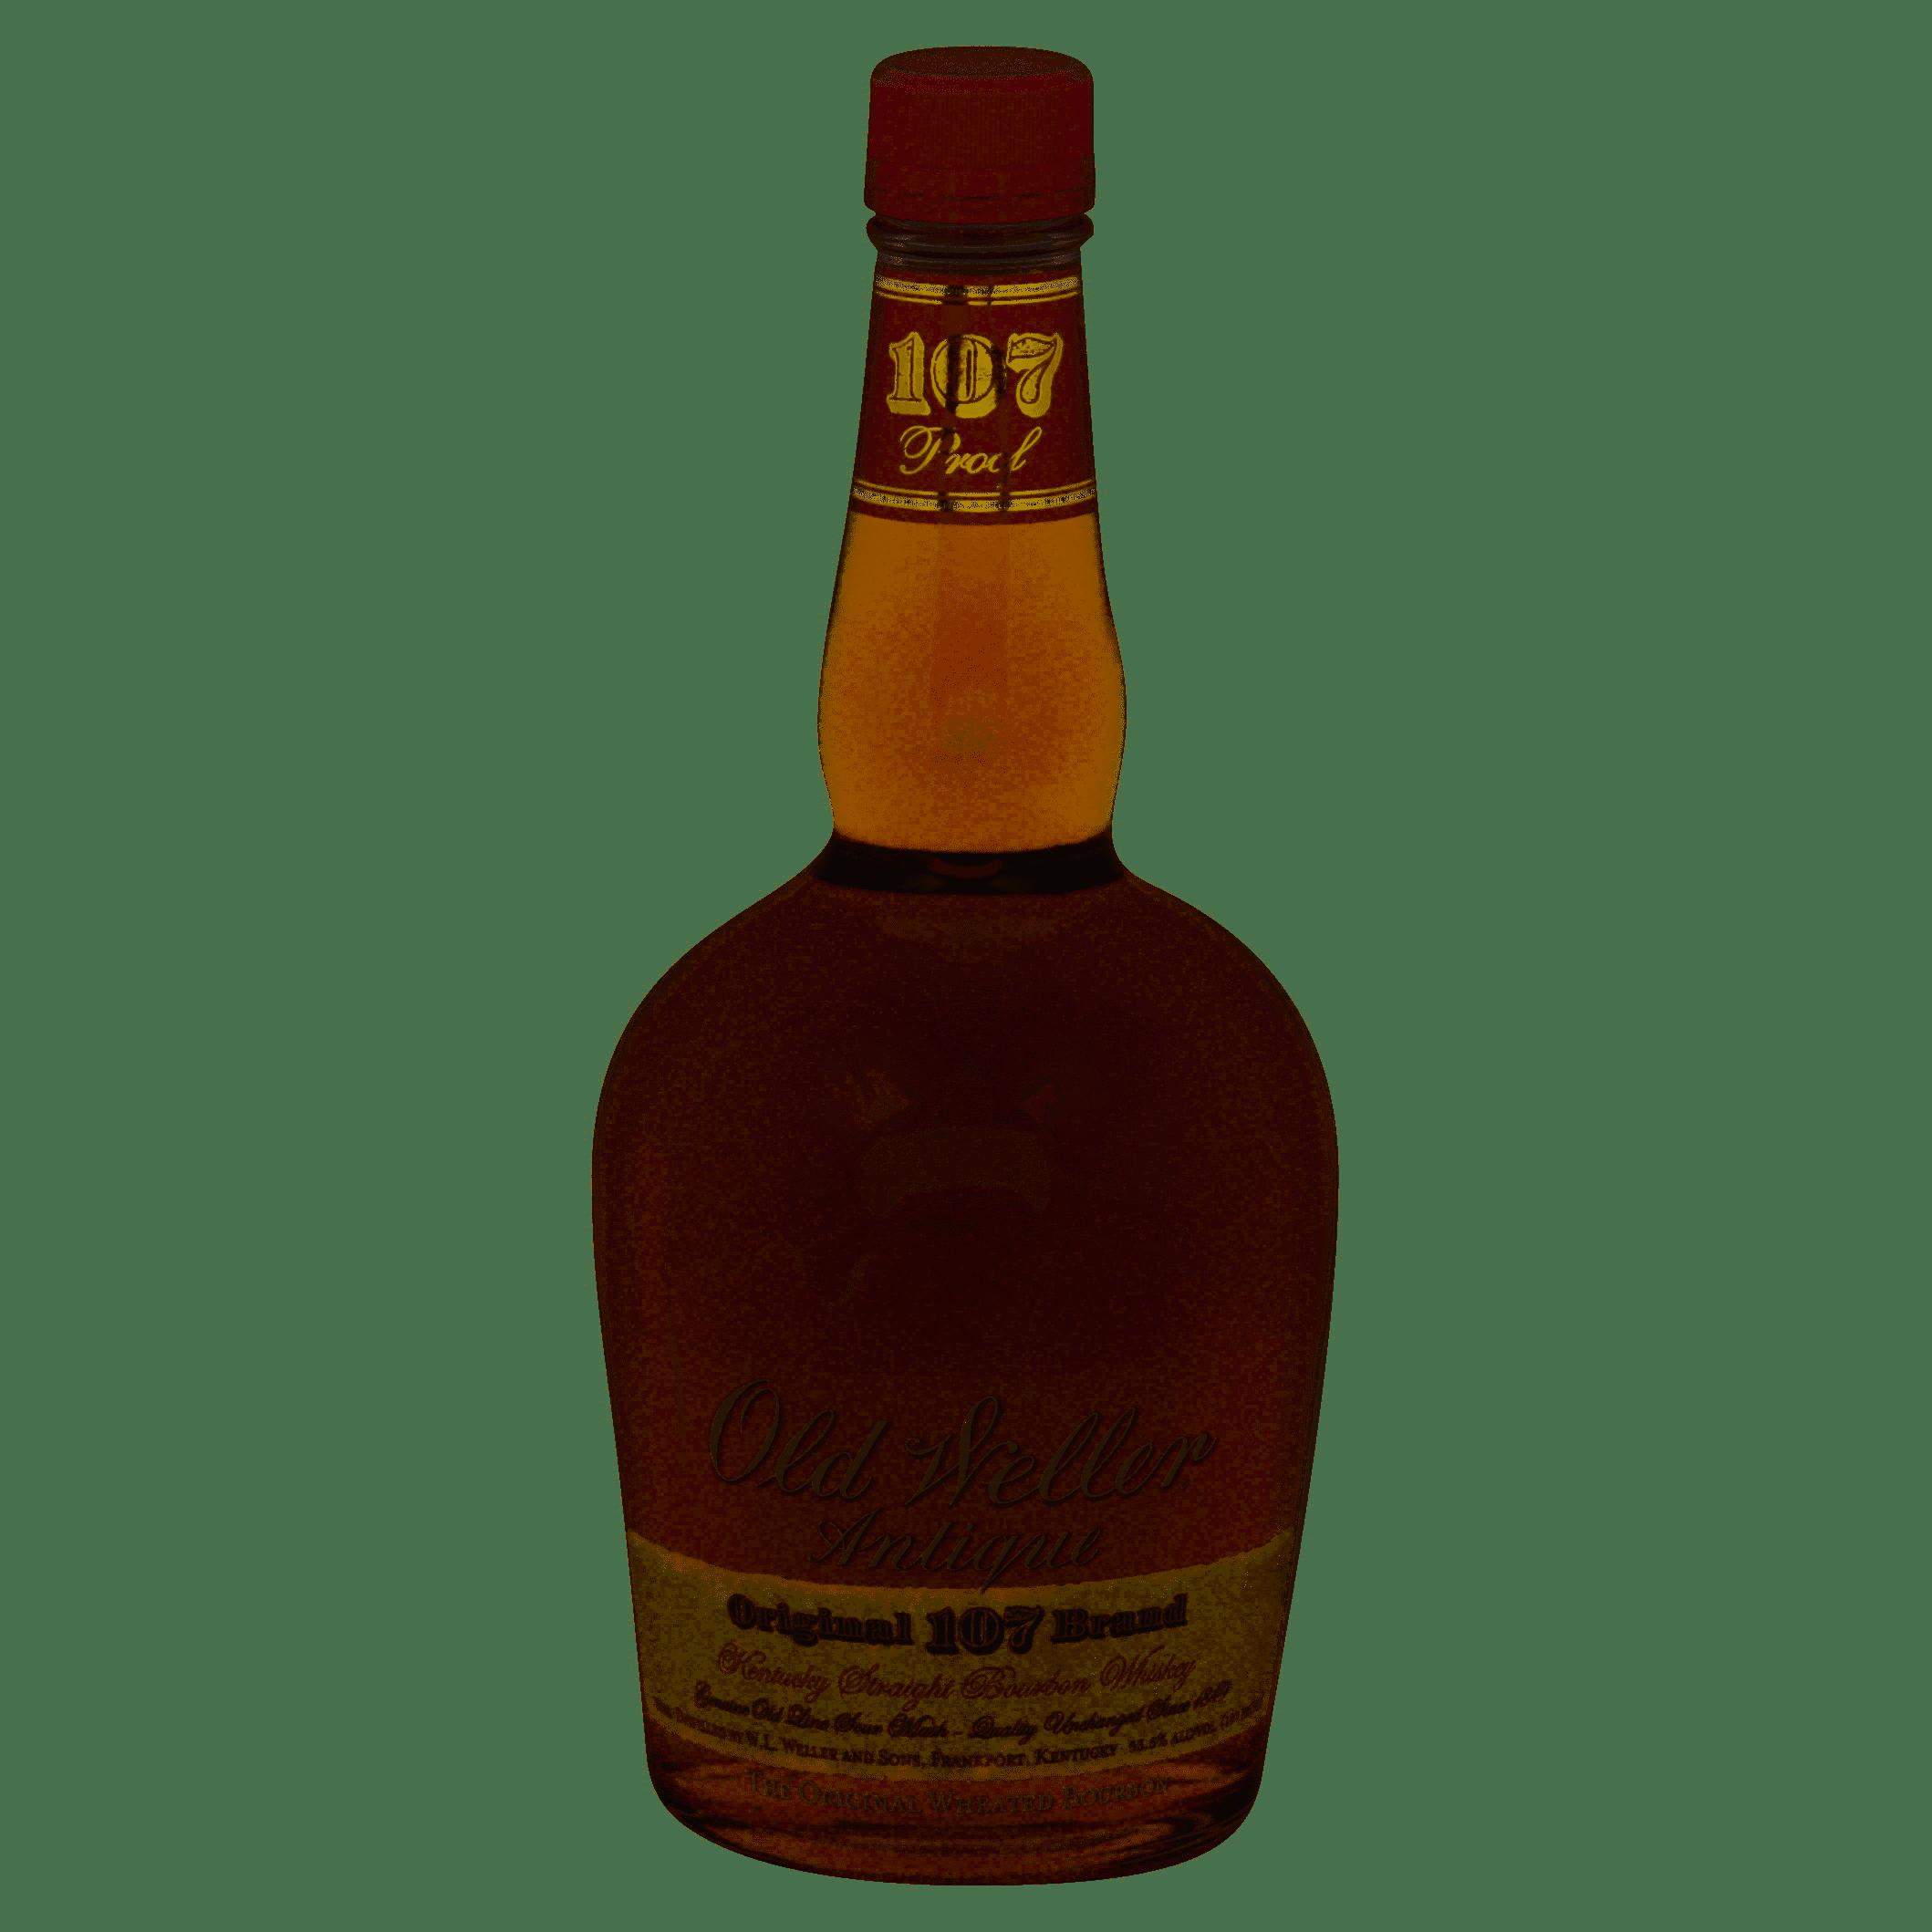 W.L. Weller Weller Antique 107 Bourbon